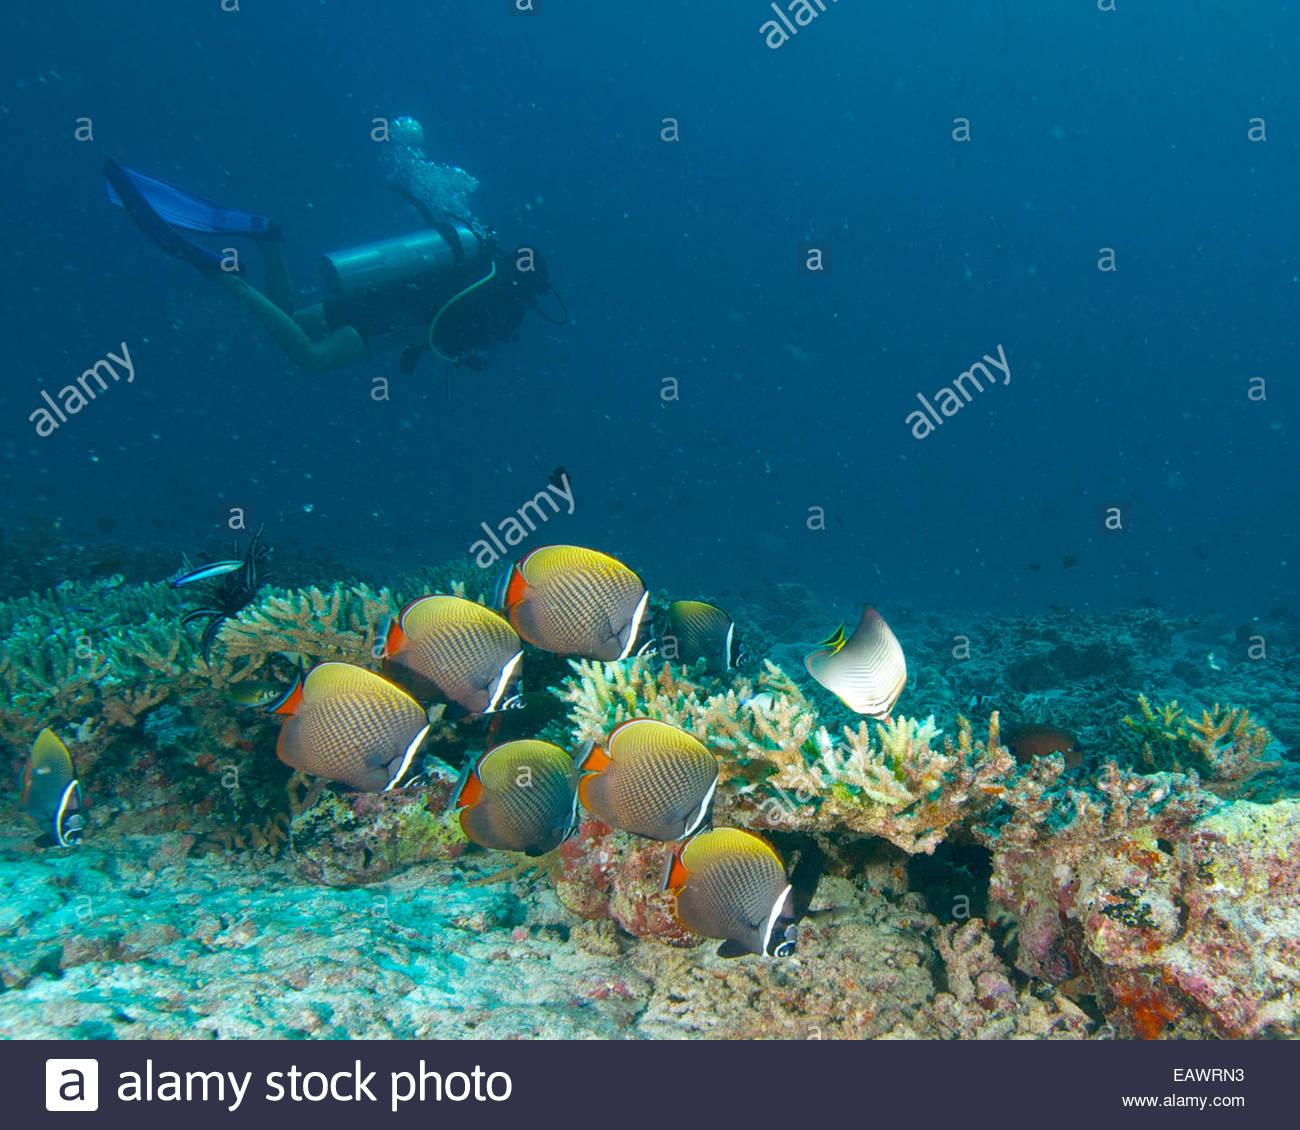 Un sommozzatore passa collare bianco butterflyfish (Chaetodon collare). Immagini Stock